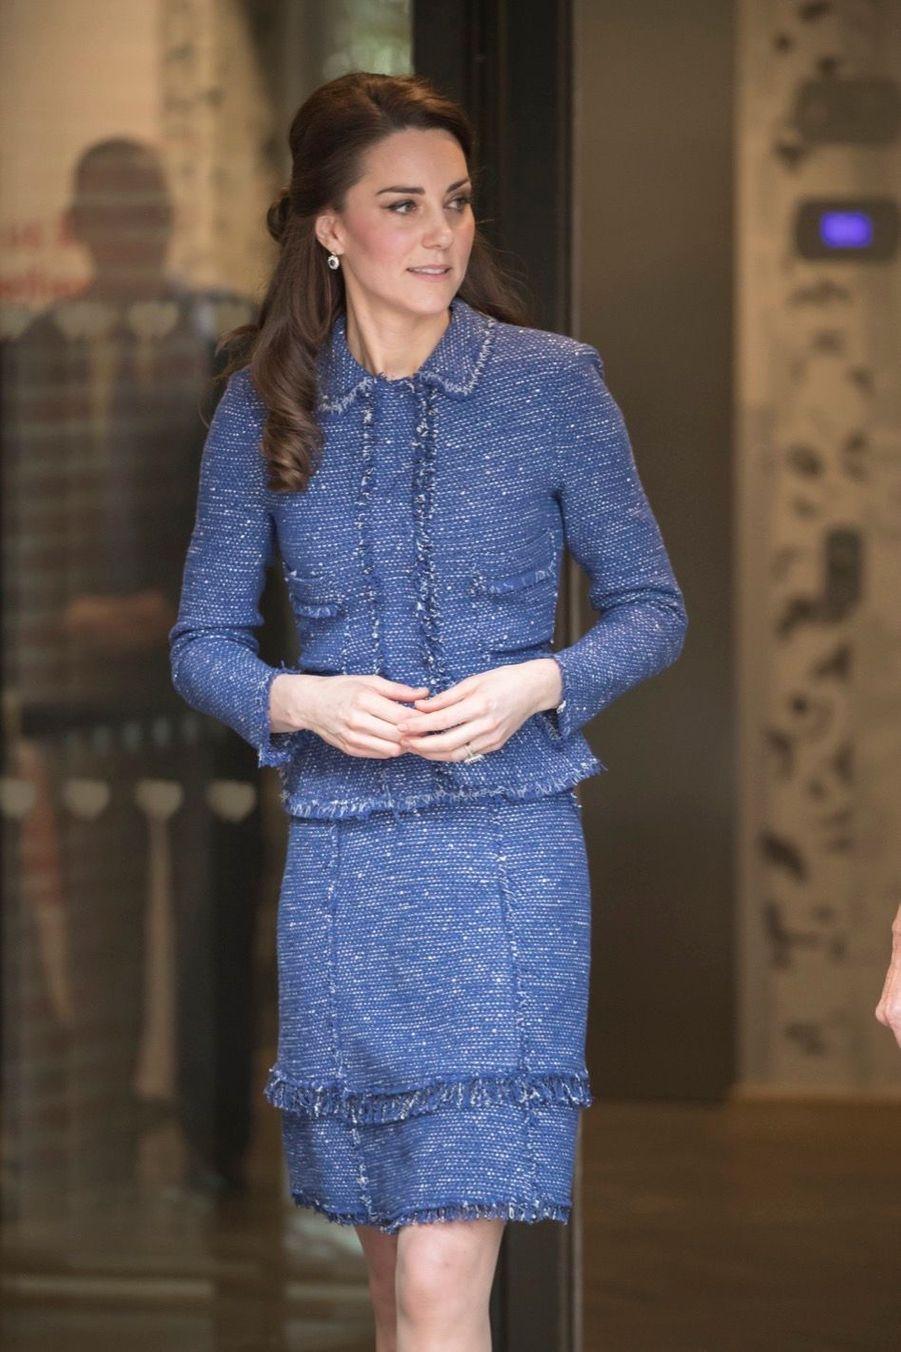 Kate Middleton À L'inauguration De La Maison Ronald McDonald À Londres, Le 28 Février 2017 9